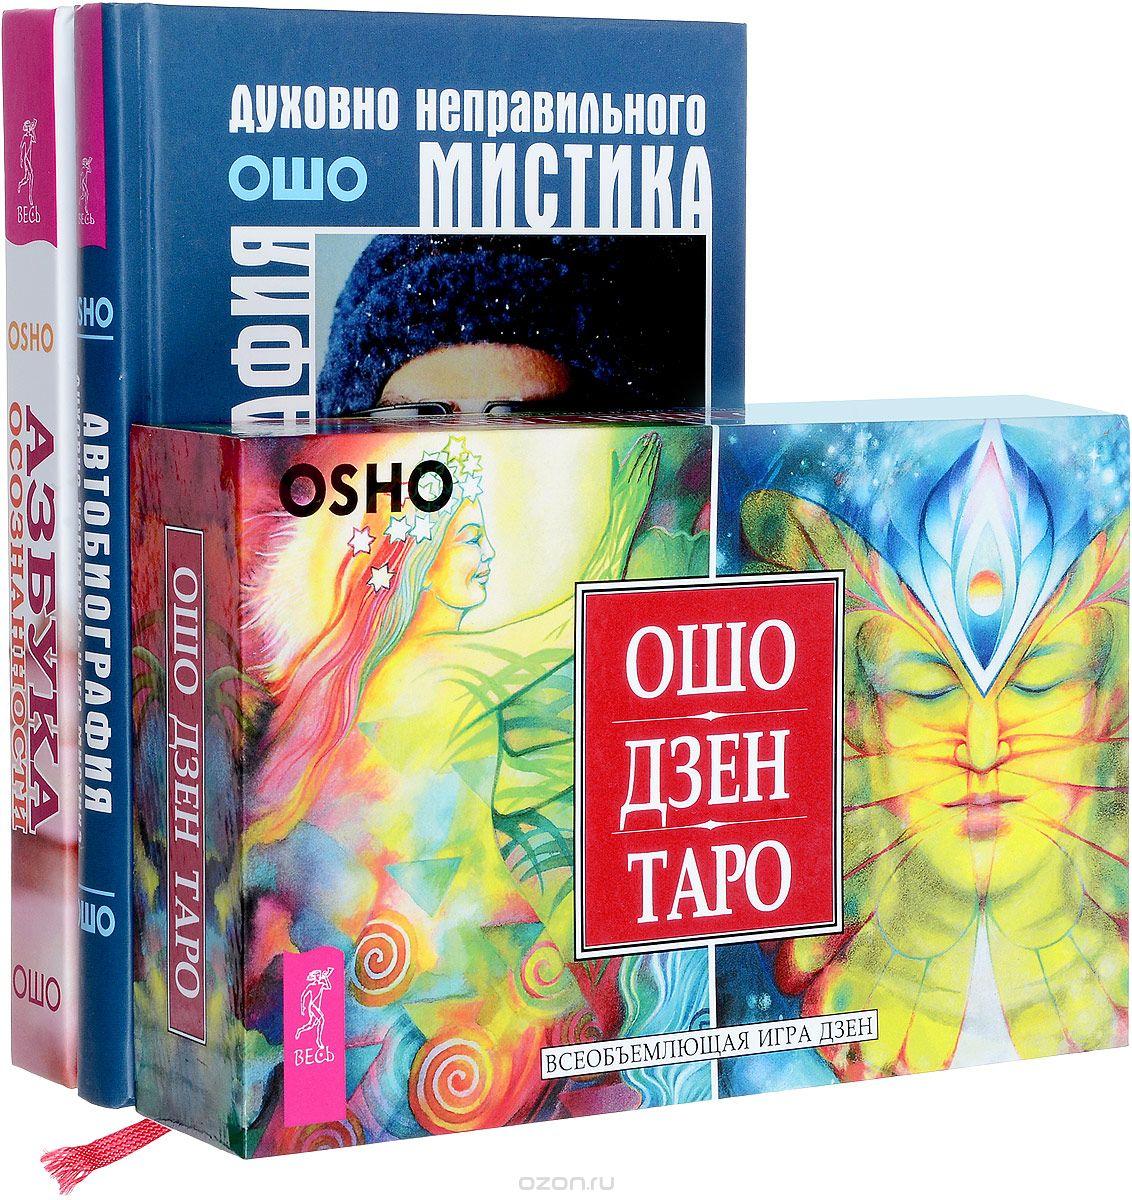 Раджниш Ошо: Автобиография Ошо. Азбука осознанности. Ошо Дзен Таро (комплект из 3 книг + 79 карт)